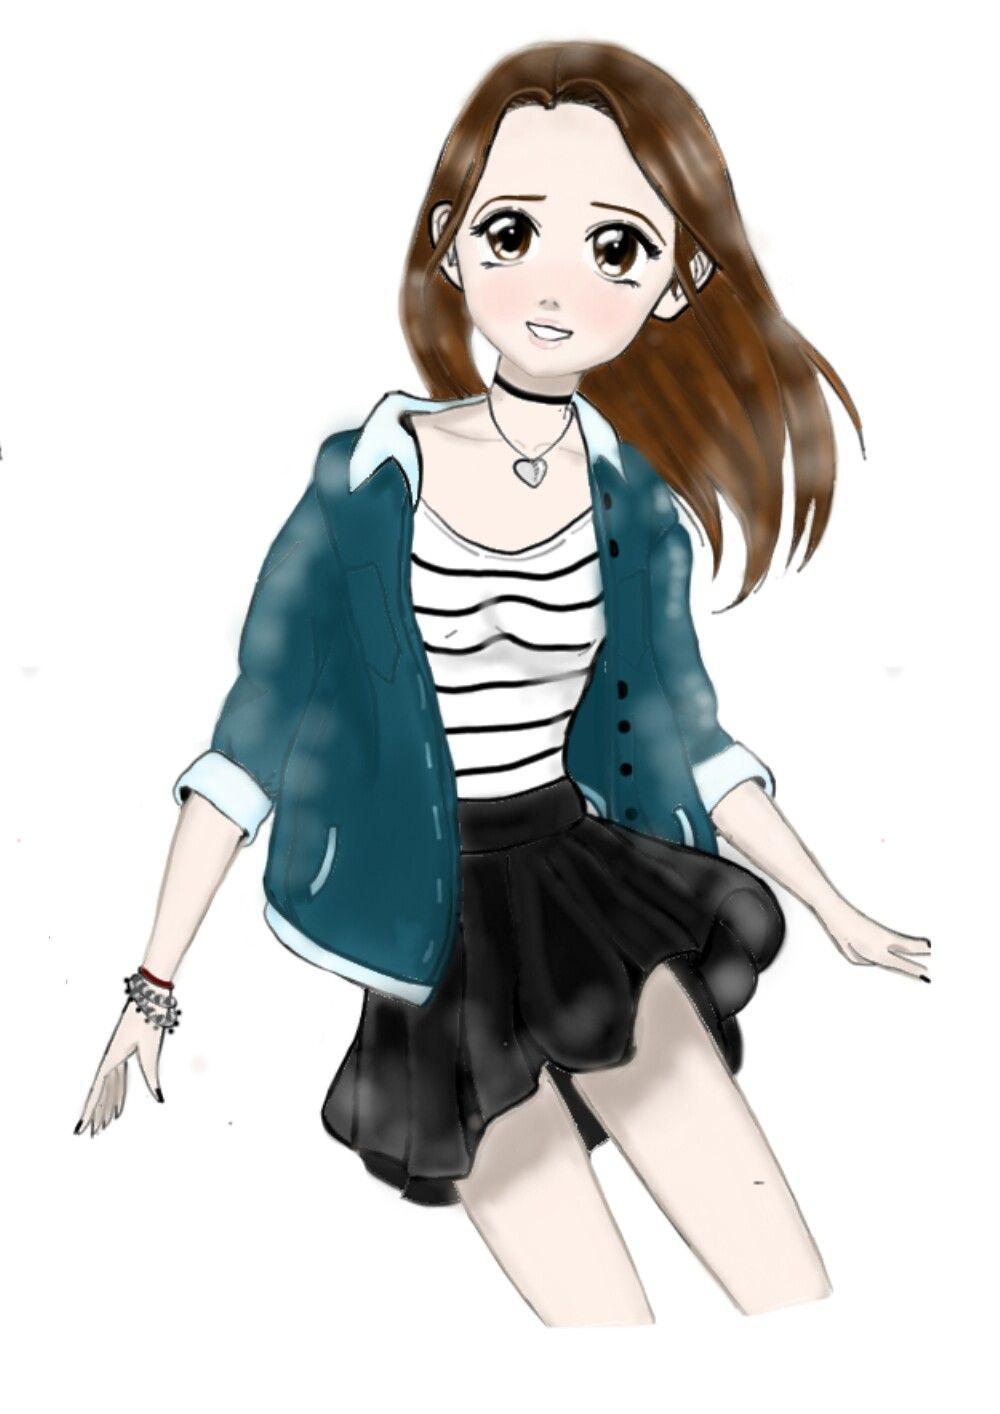 Criado por Nina feito no App de Desenhar. Desenhos